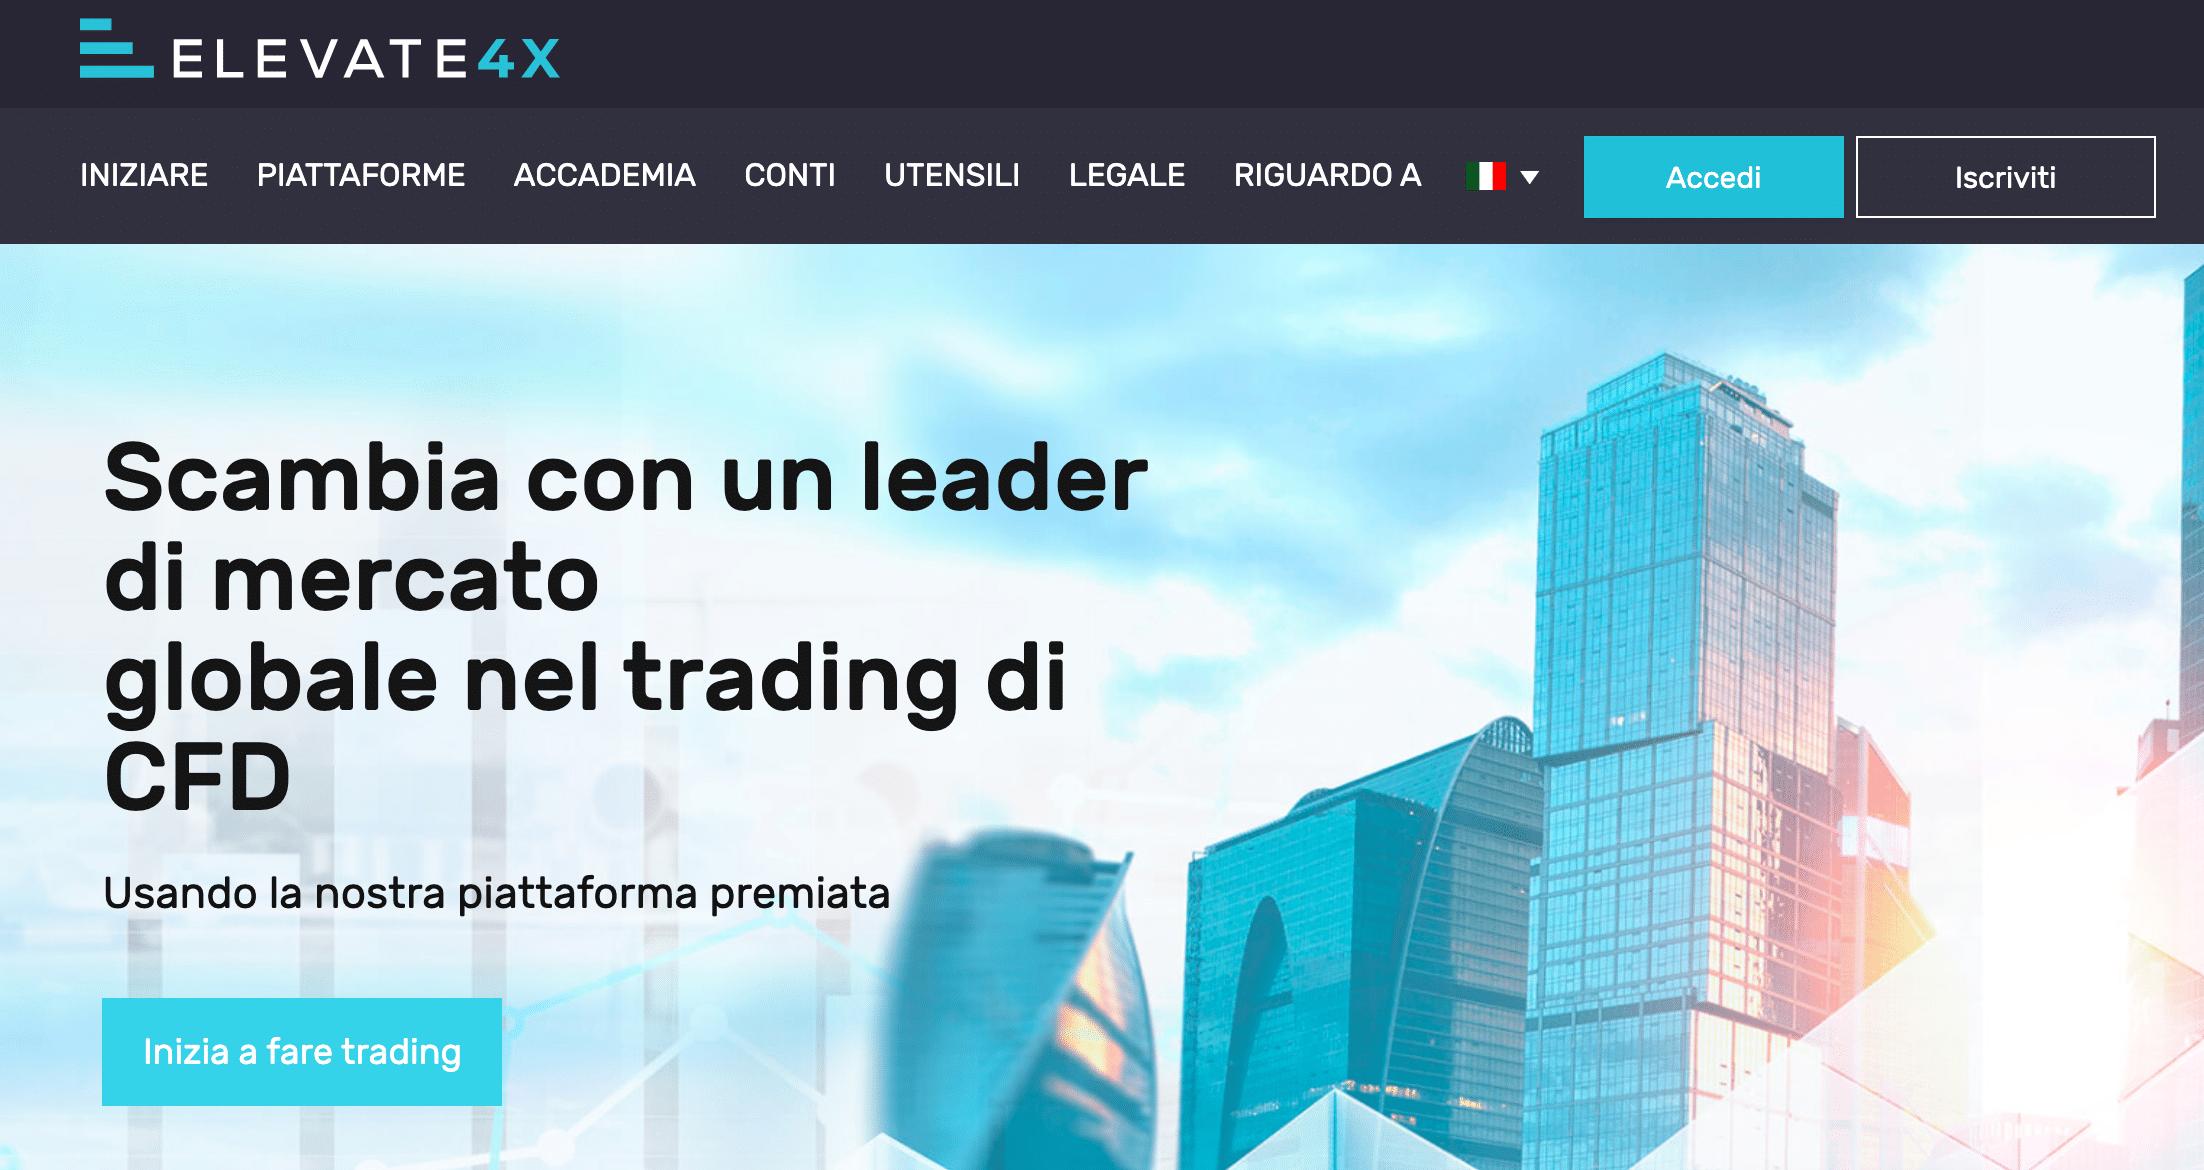 conto di trading 4x strategie forex cosa ci vuole per il successo